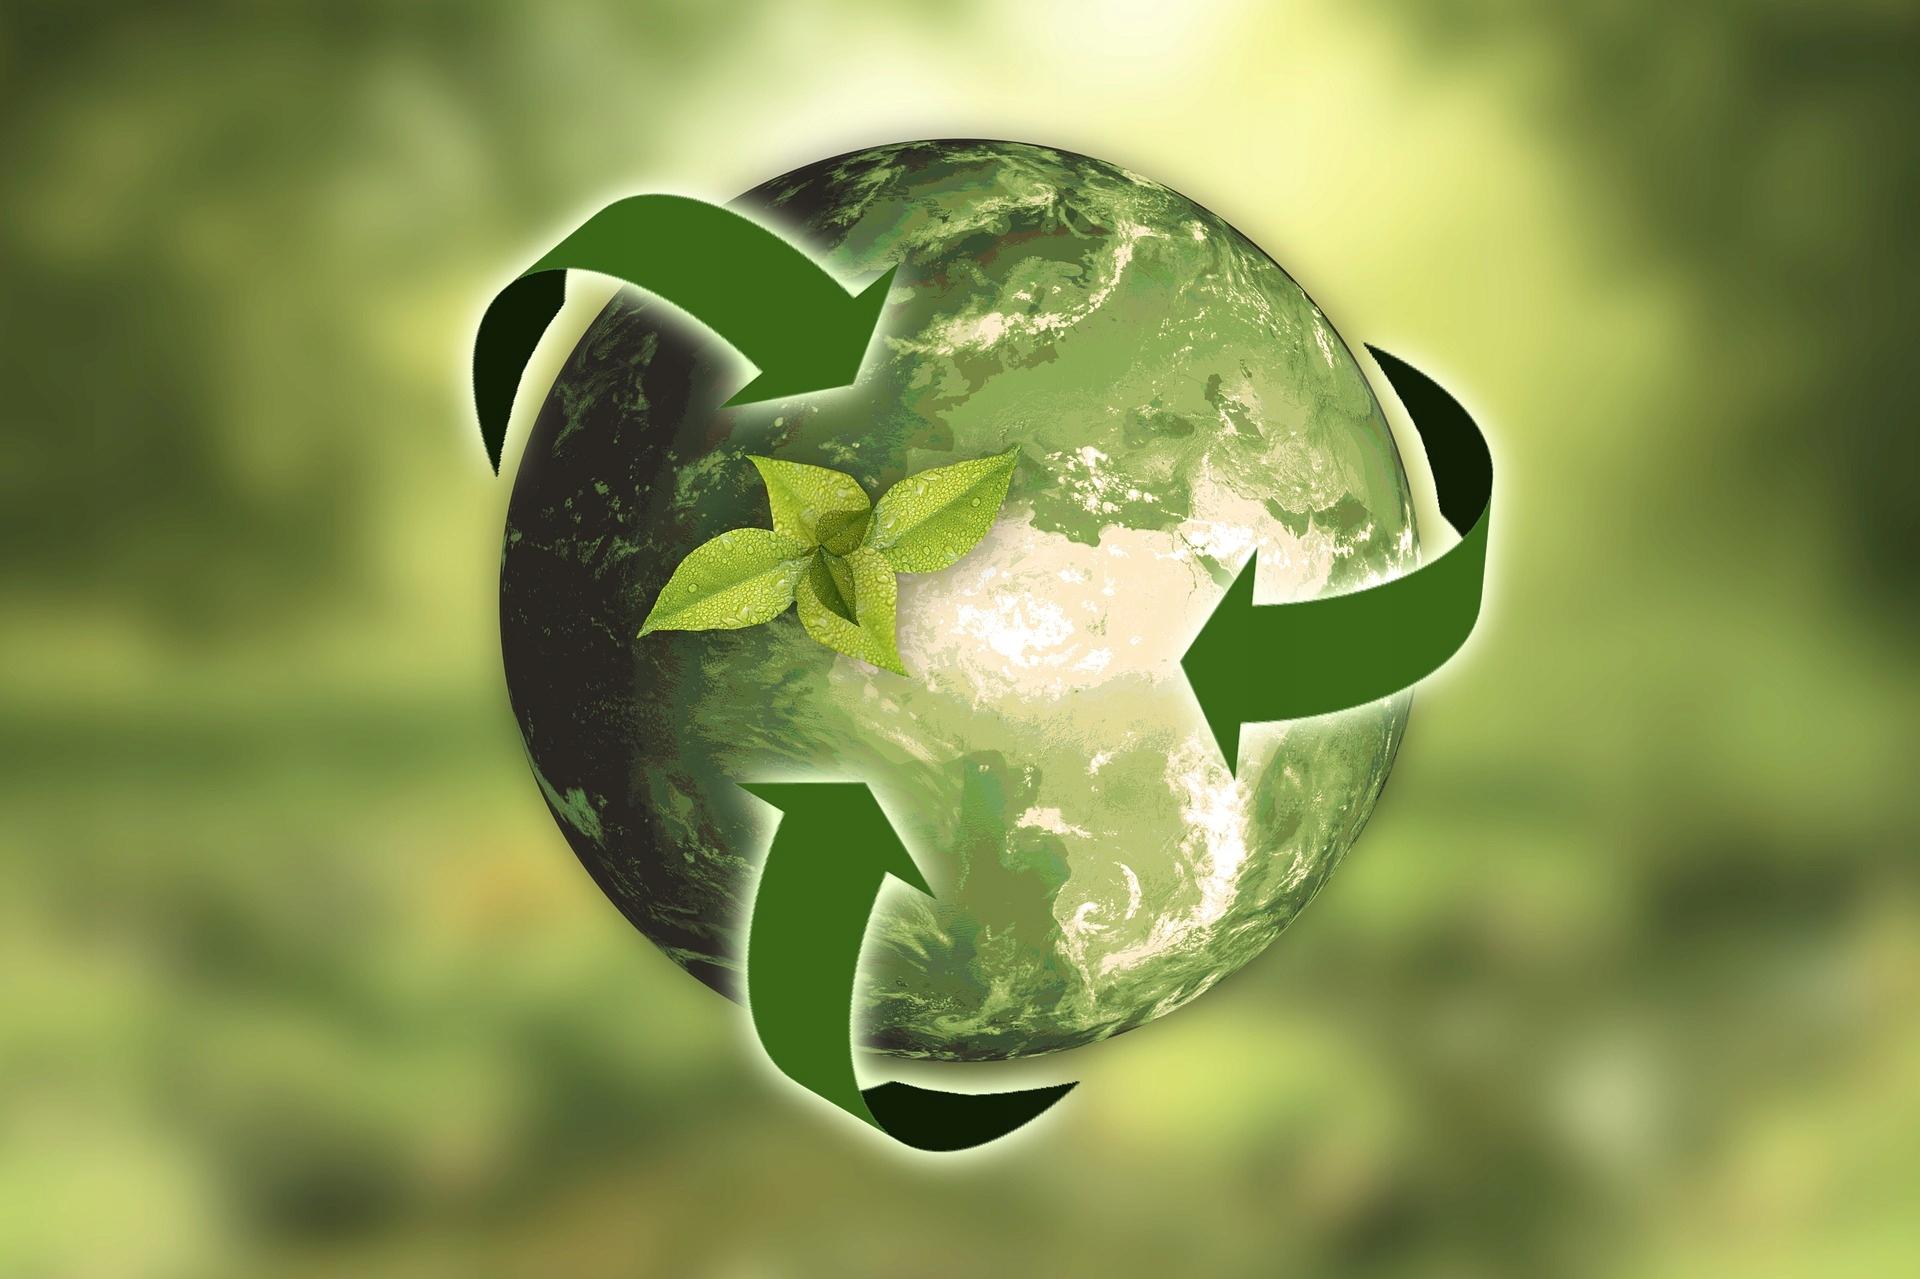 BIODEGRADOWALNE Worki na odpady BioBag 30l 20 szt. Kod producenta 7035961869031